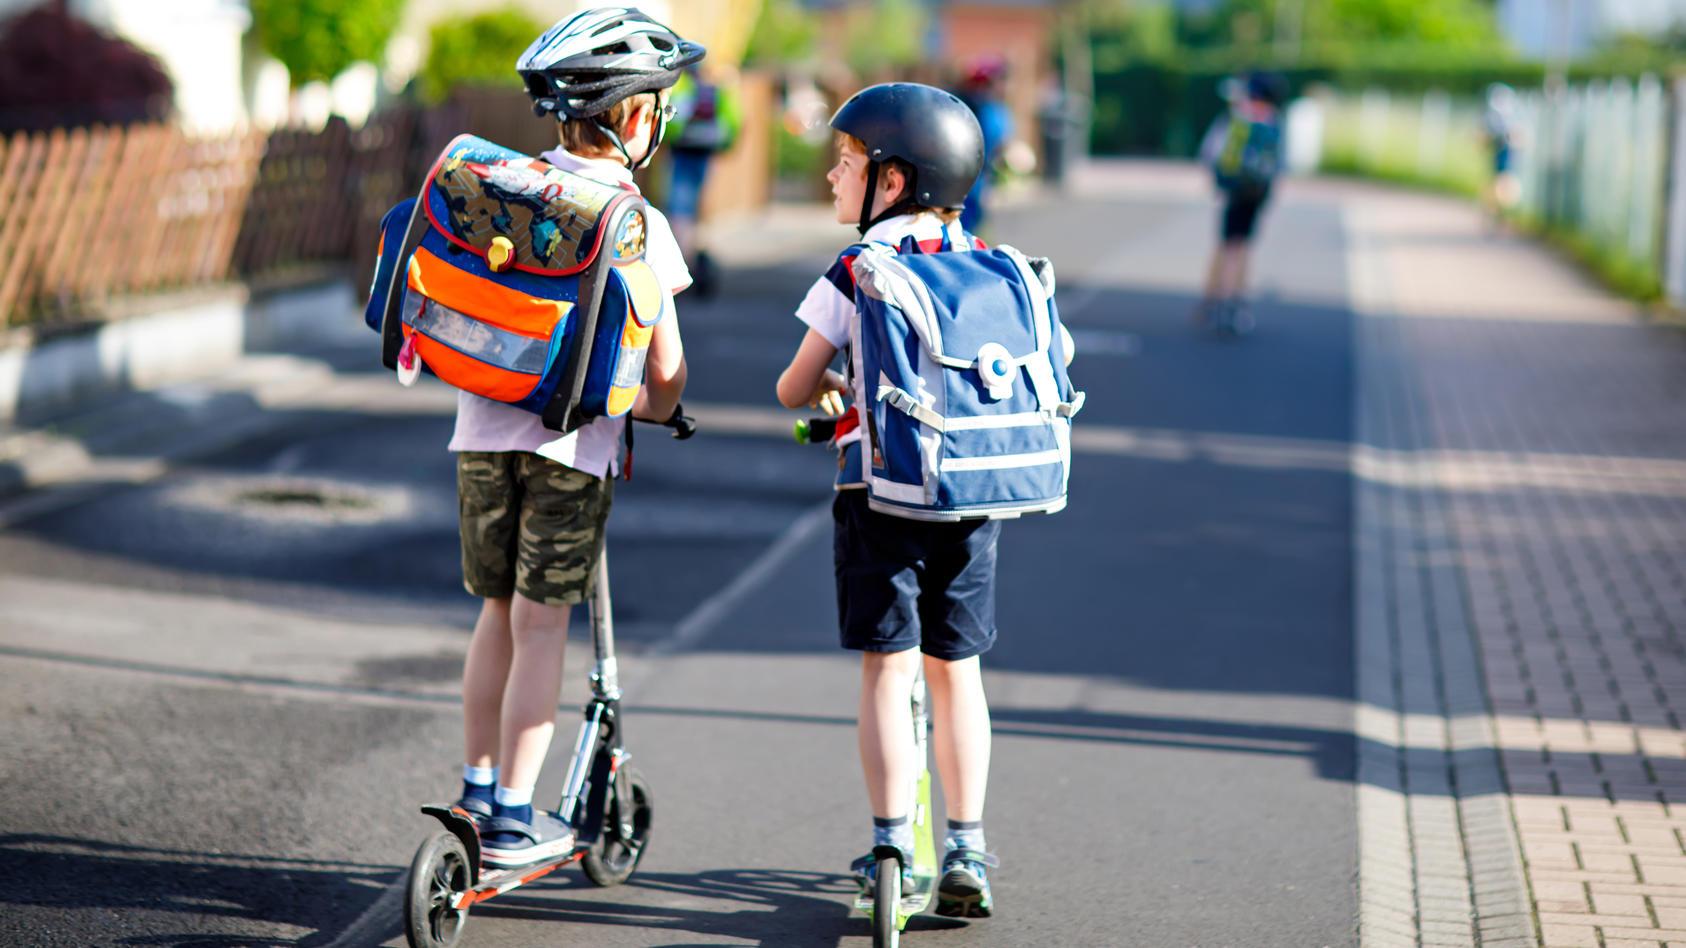 Auf dem Weg zur Schule mit dem Kinderroller.